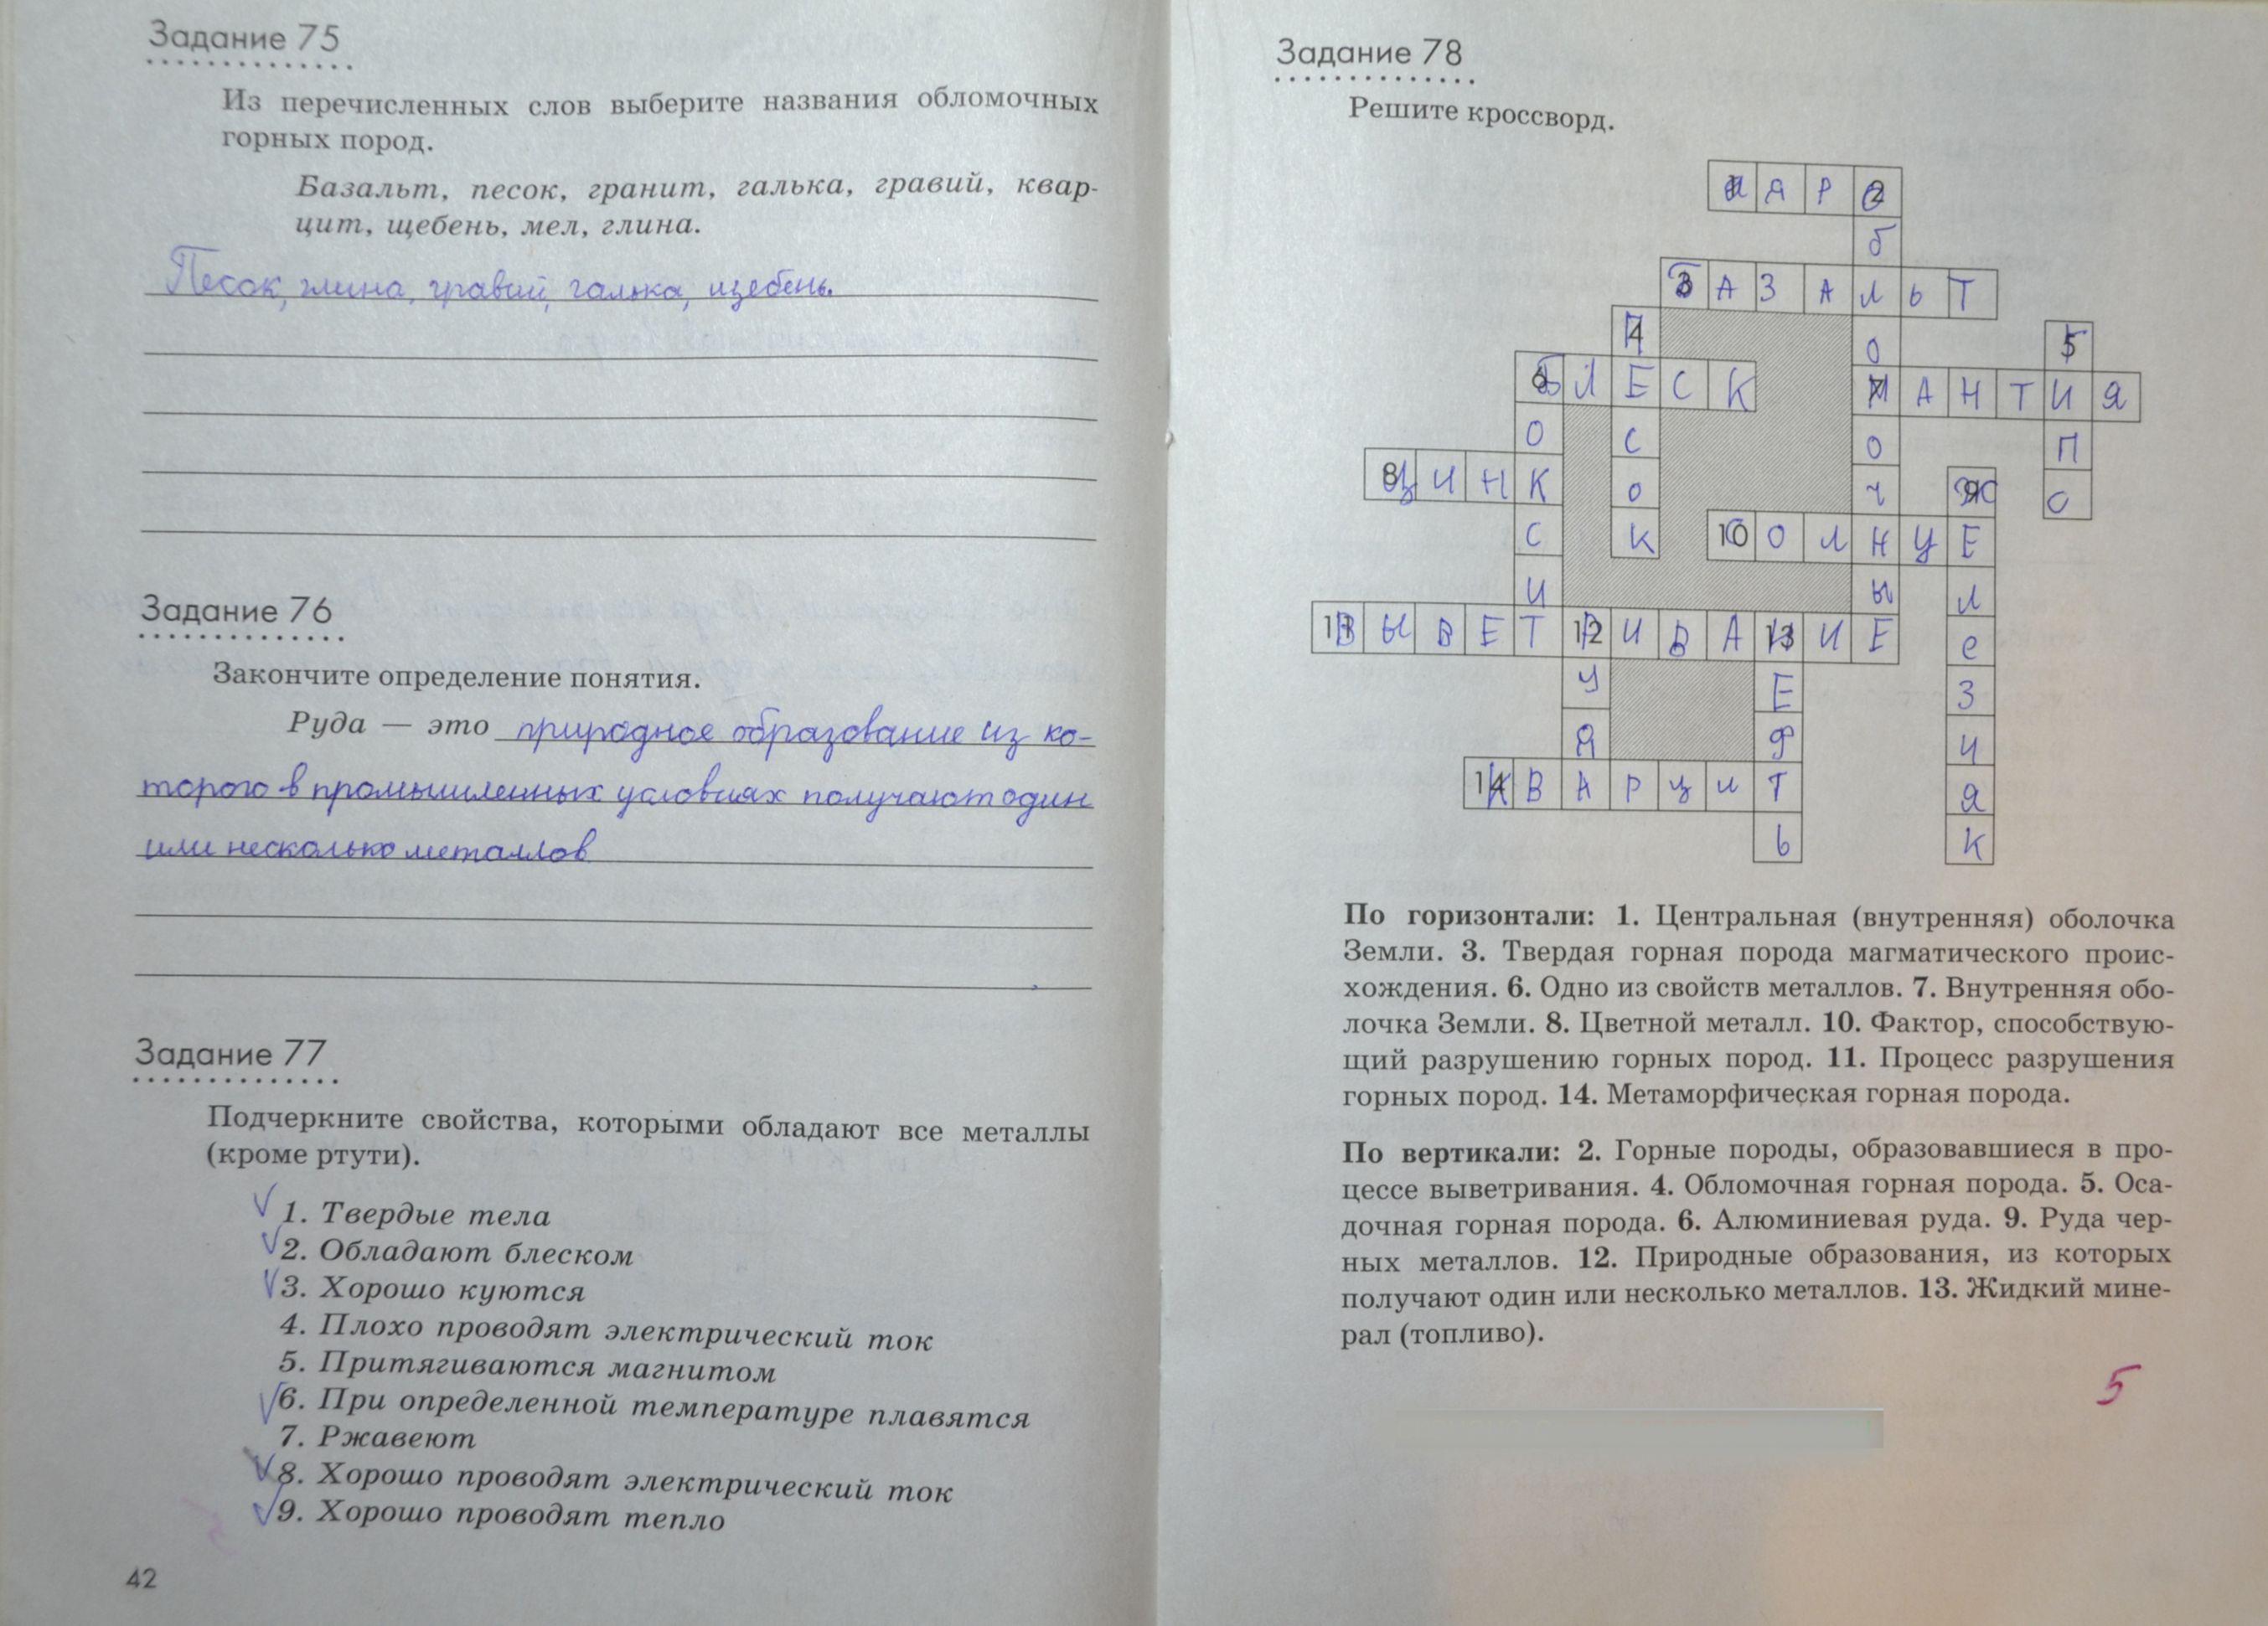 Гдз (ответы) хімія 8 клас ярошенко відповіді, решебник к учебнику.